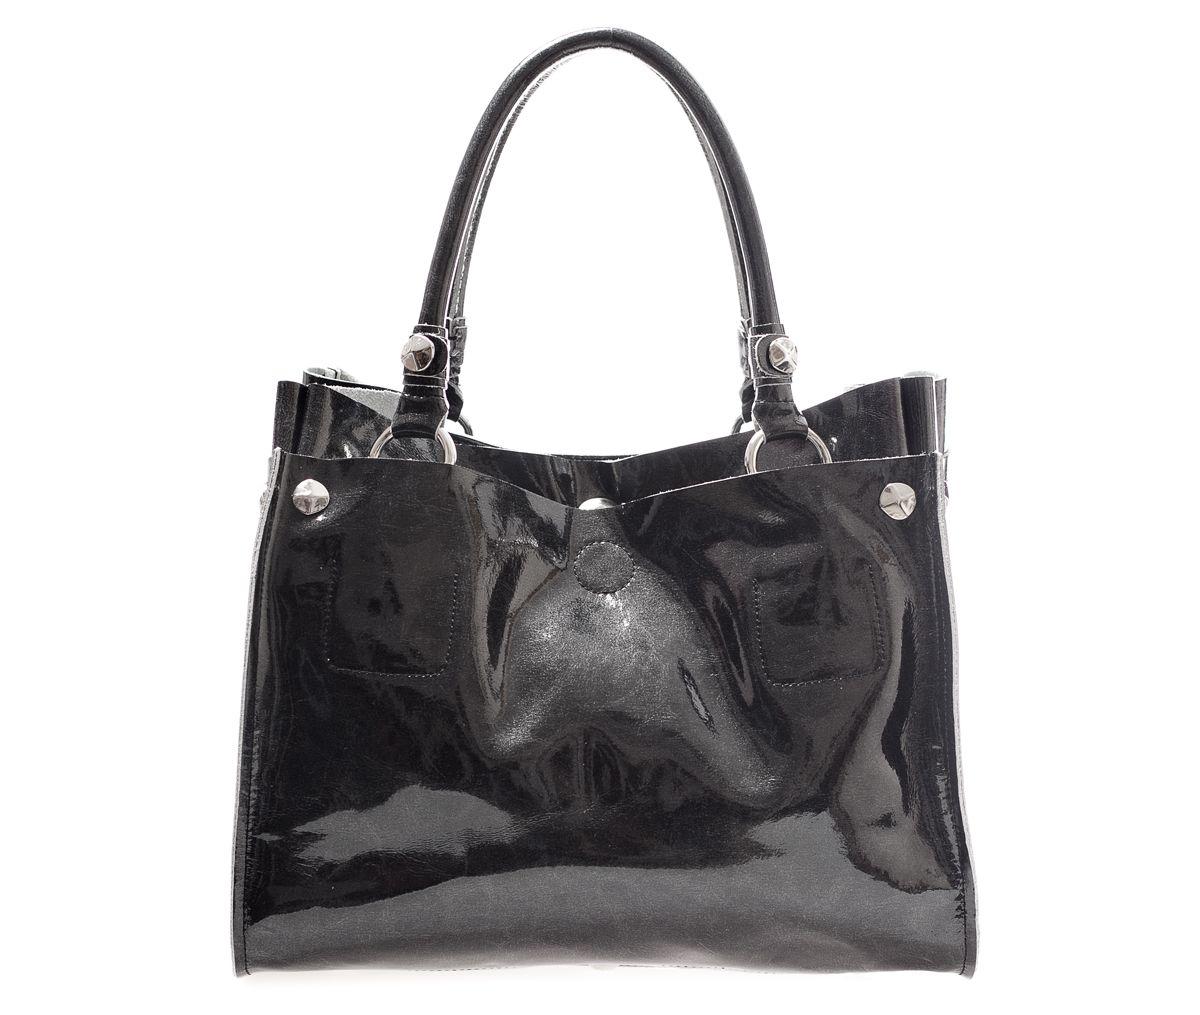 33f6fda93fee Сумка из лакированной кожи - Купить сумку из лакированной кожи